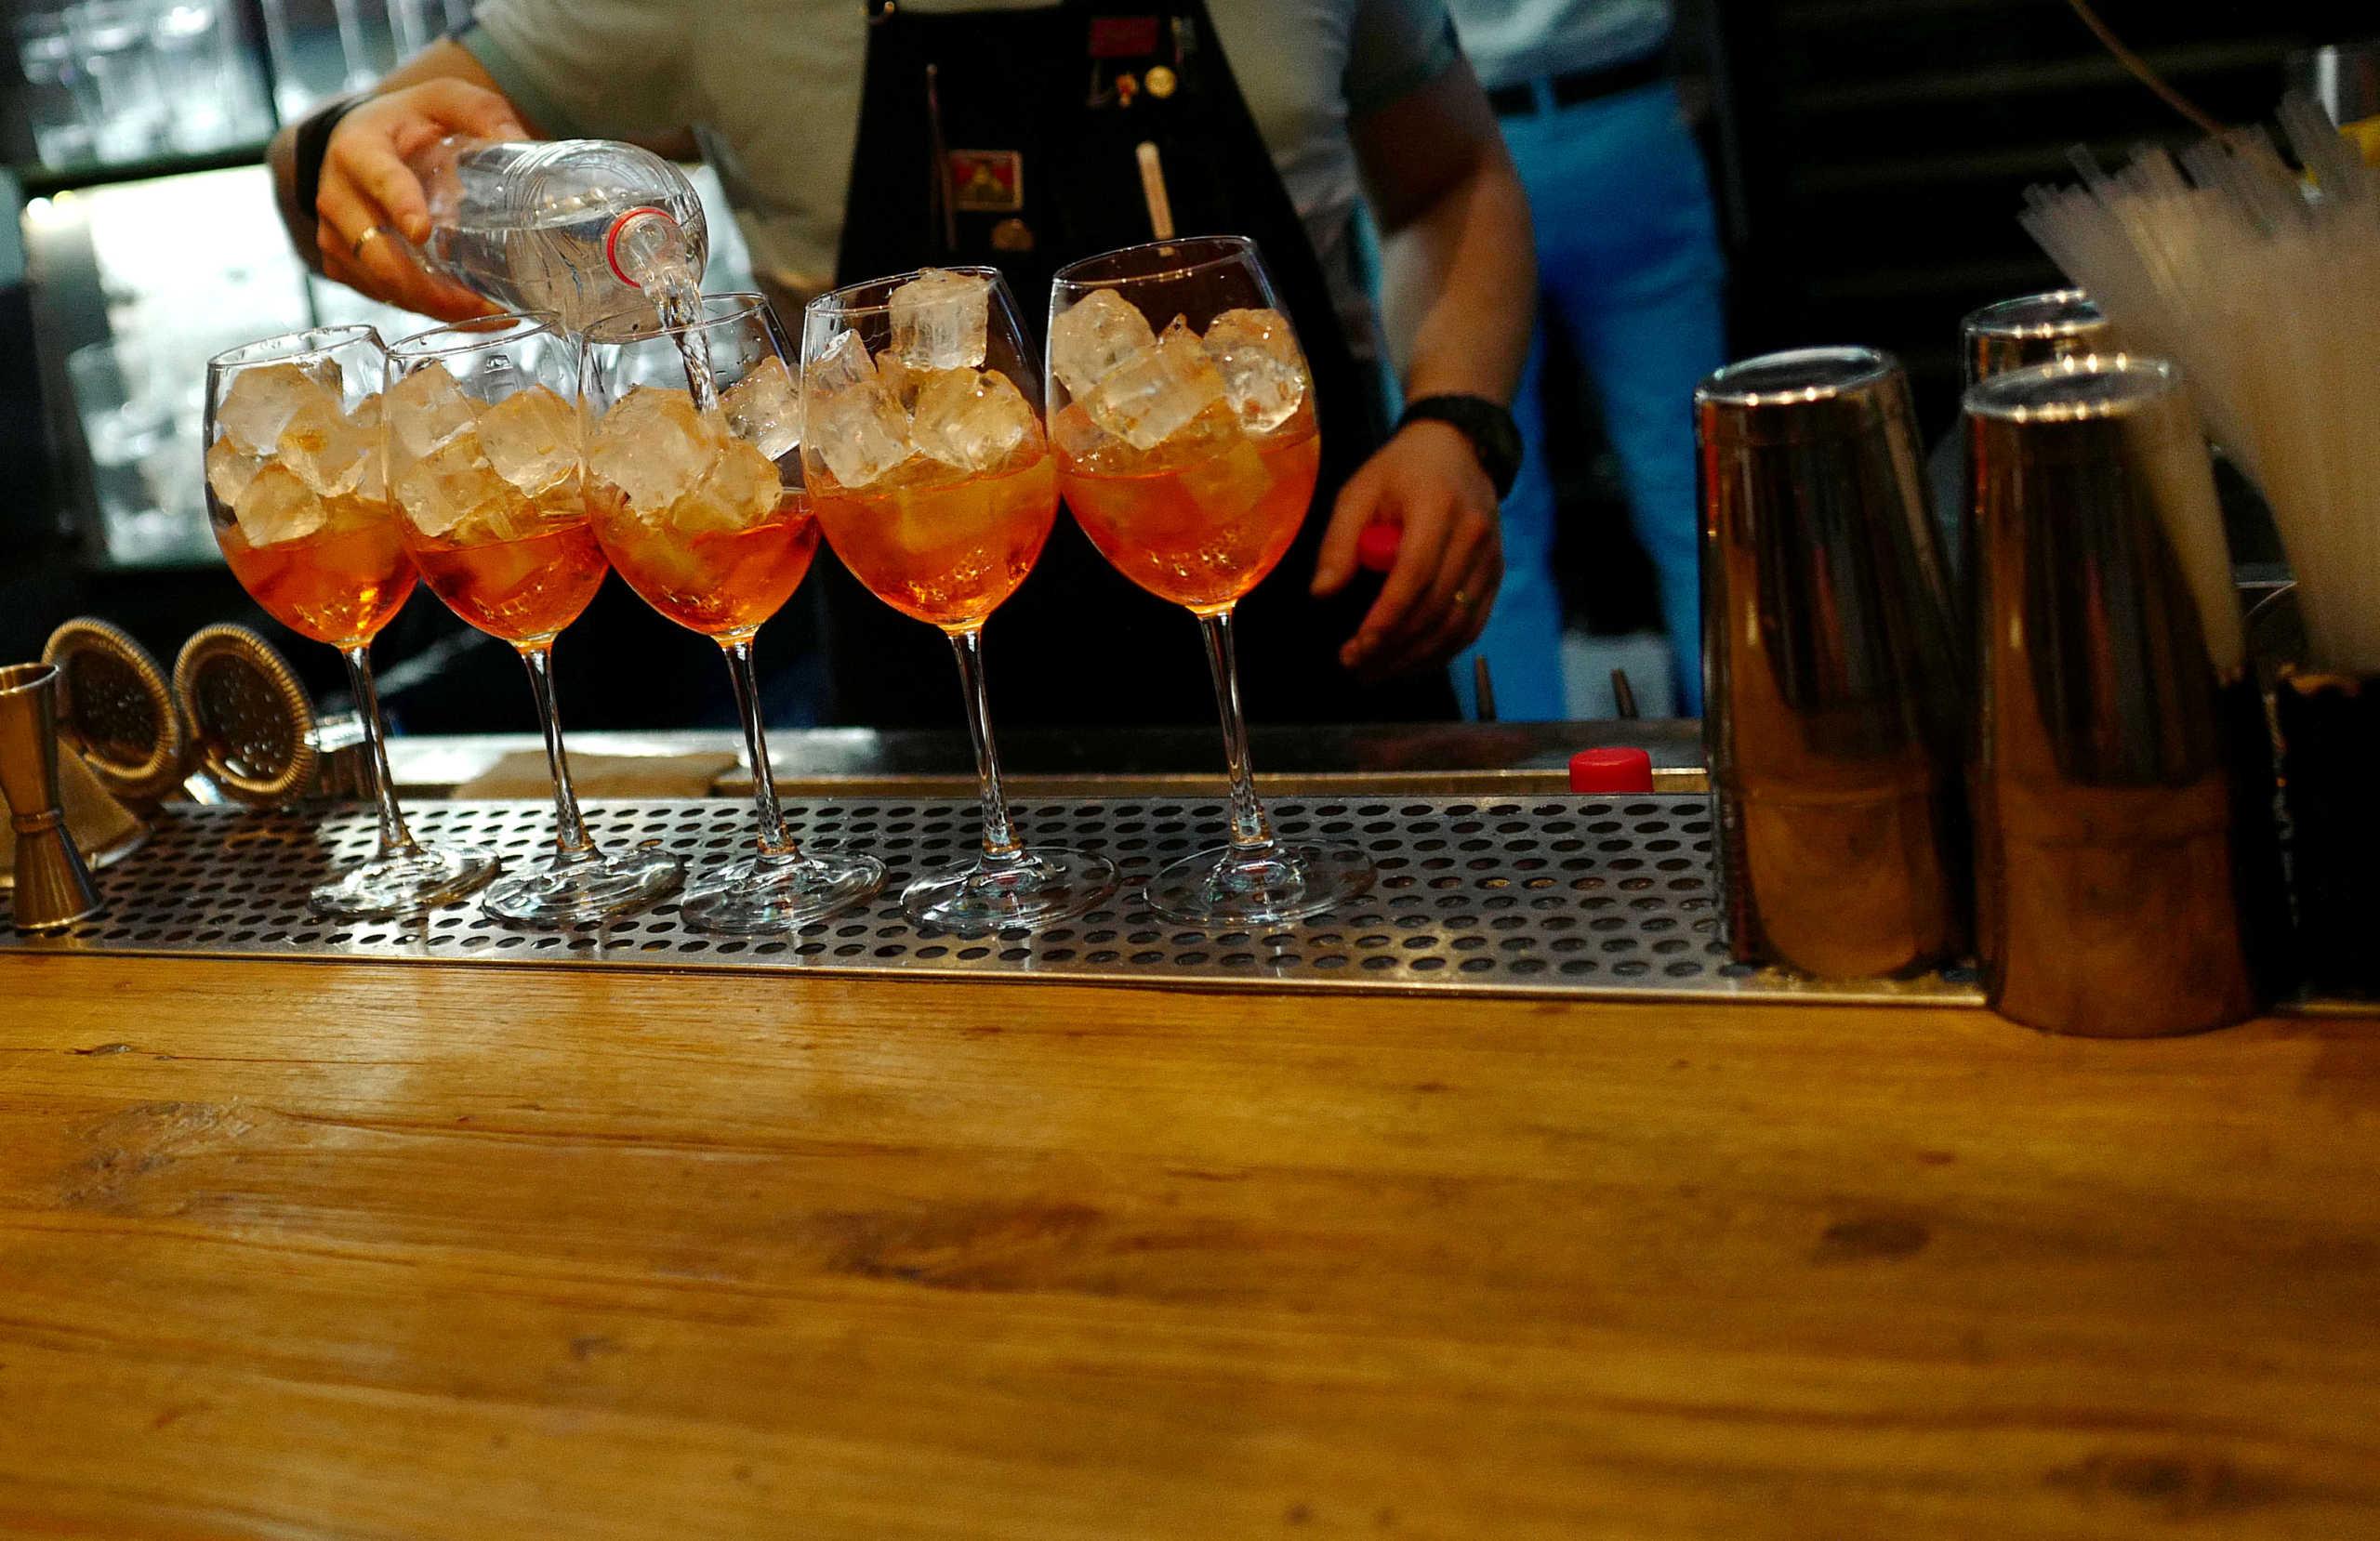 """Εφαρμογή βρίσκει αν τα ποτά είναι… μπόμπες η όχι! Η πρωτοποριακή μέθοδος με ελληνική """"υπογραφή"""""""